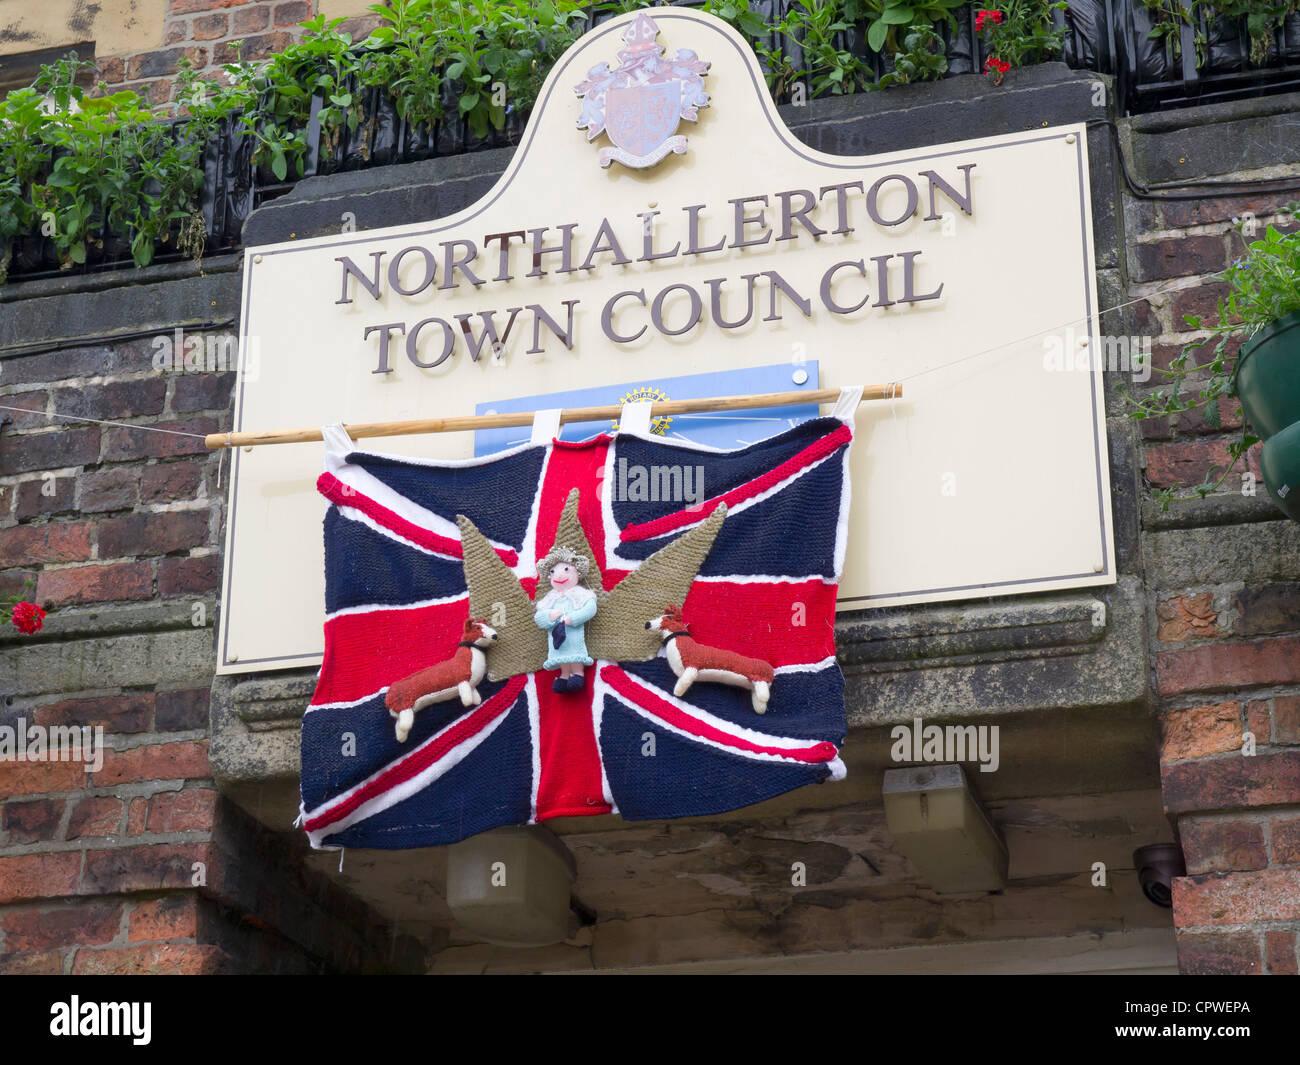 Bombardeo de hilados decorar lugares públicos con objetos tejidos corgis de la reina y una bandera de unión en las oficinas del Consejo de Northallerton Foto de stock